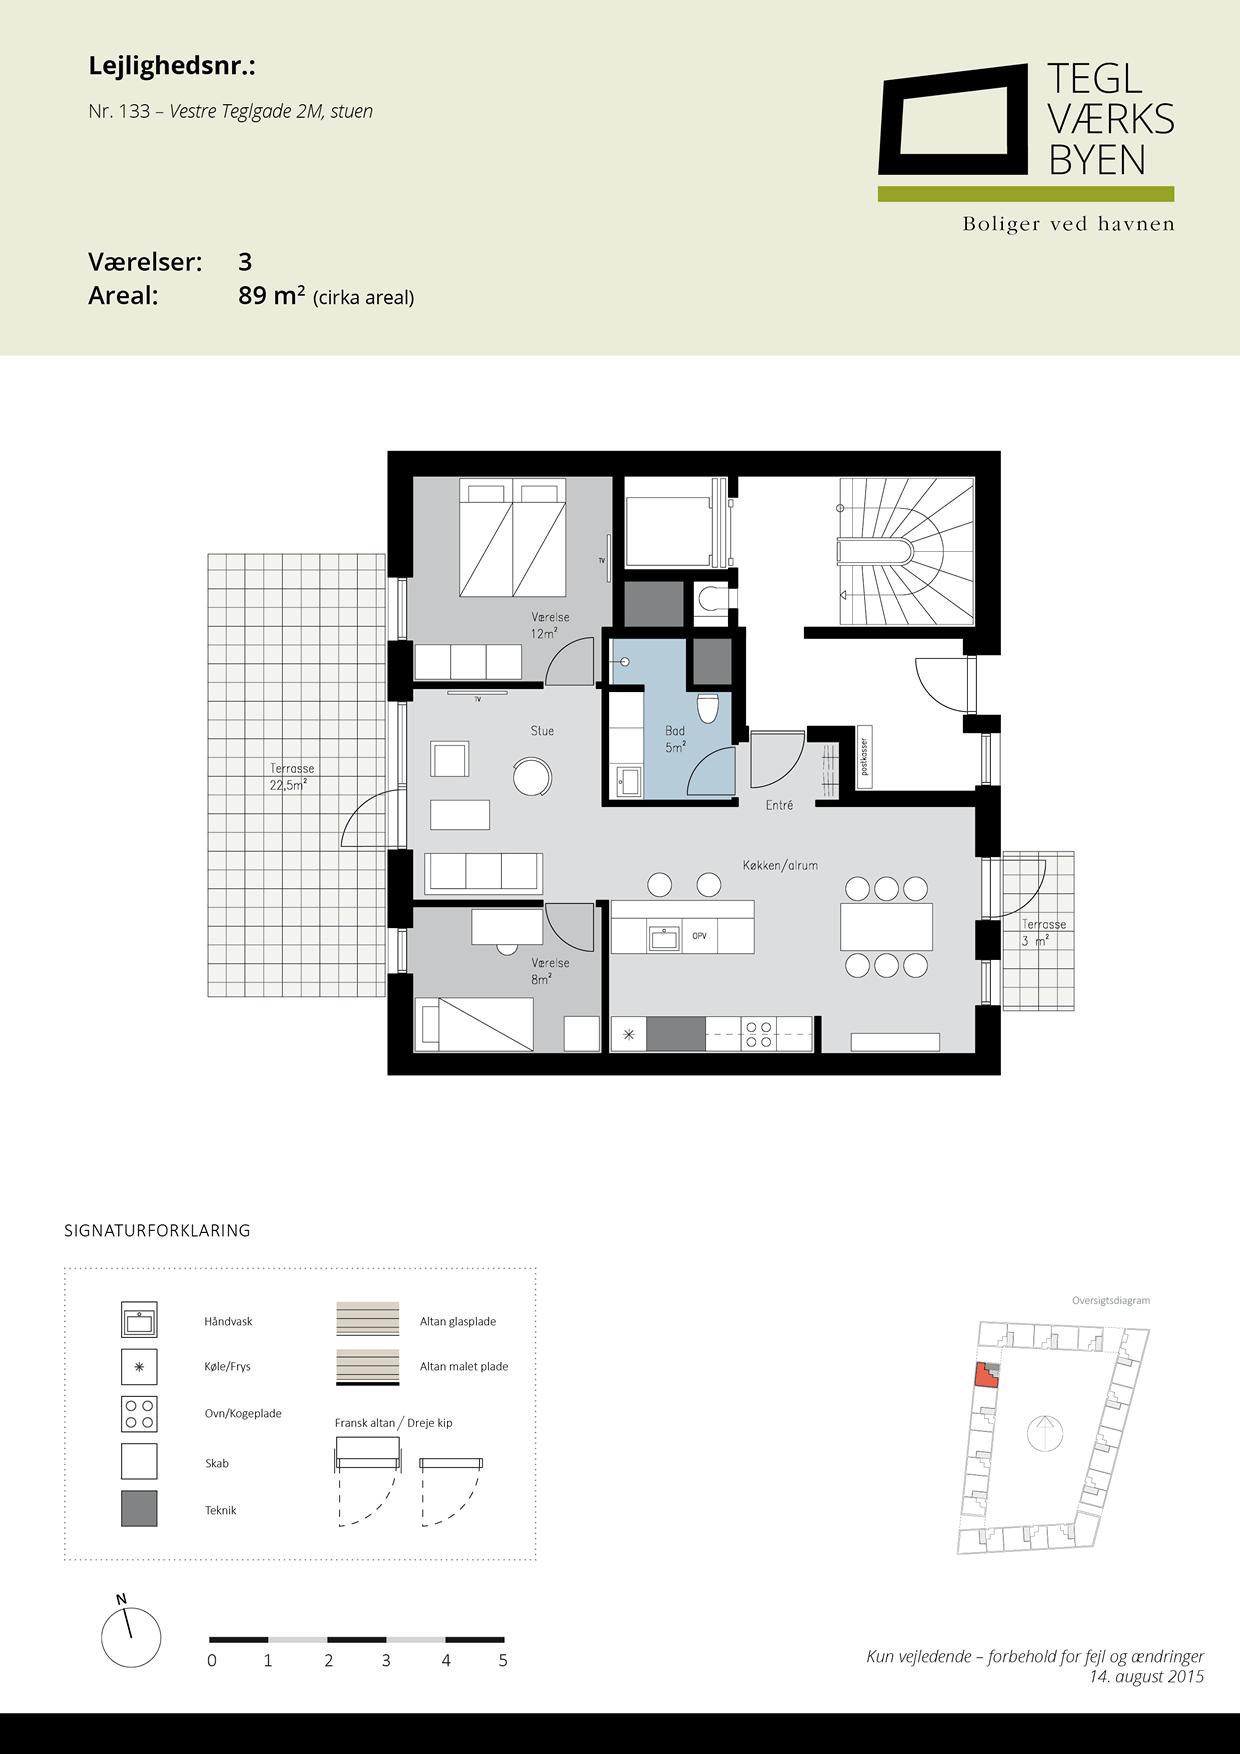 Teglvaerksbyen_133_plan